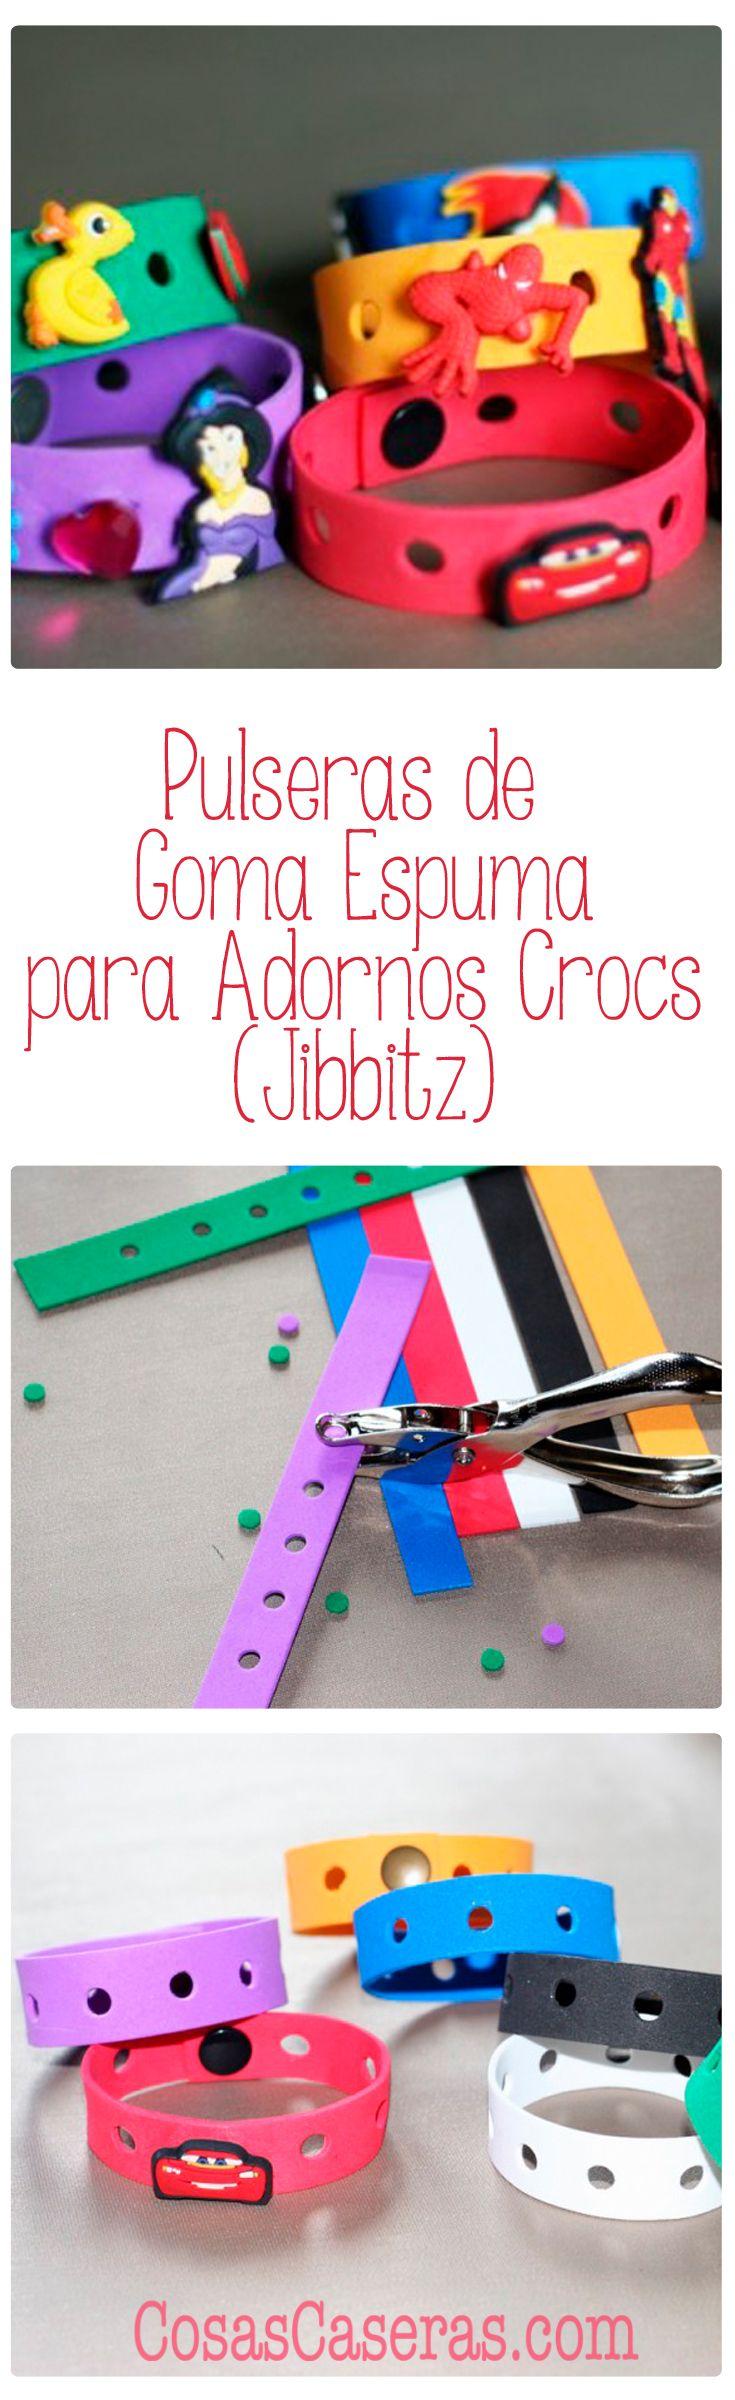 Como hacer unas pulseras de goma espuma para usar con los adornos para crocs, también conocidos como Jibbitz.  Estas pulseras serían perfectas para regalarles a los niños en una fiesta con unos adornos para sus zapatos.